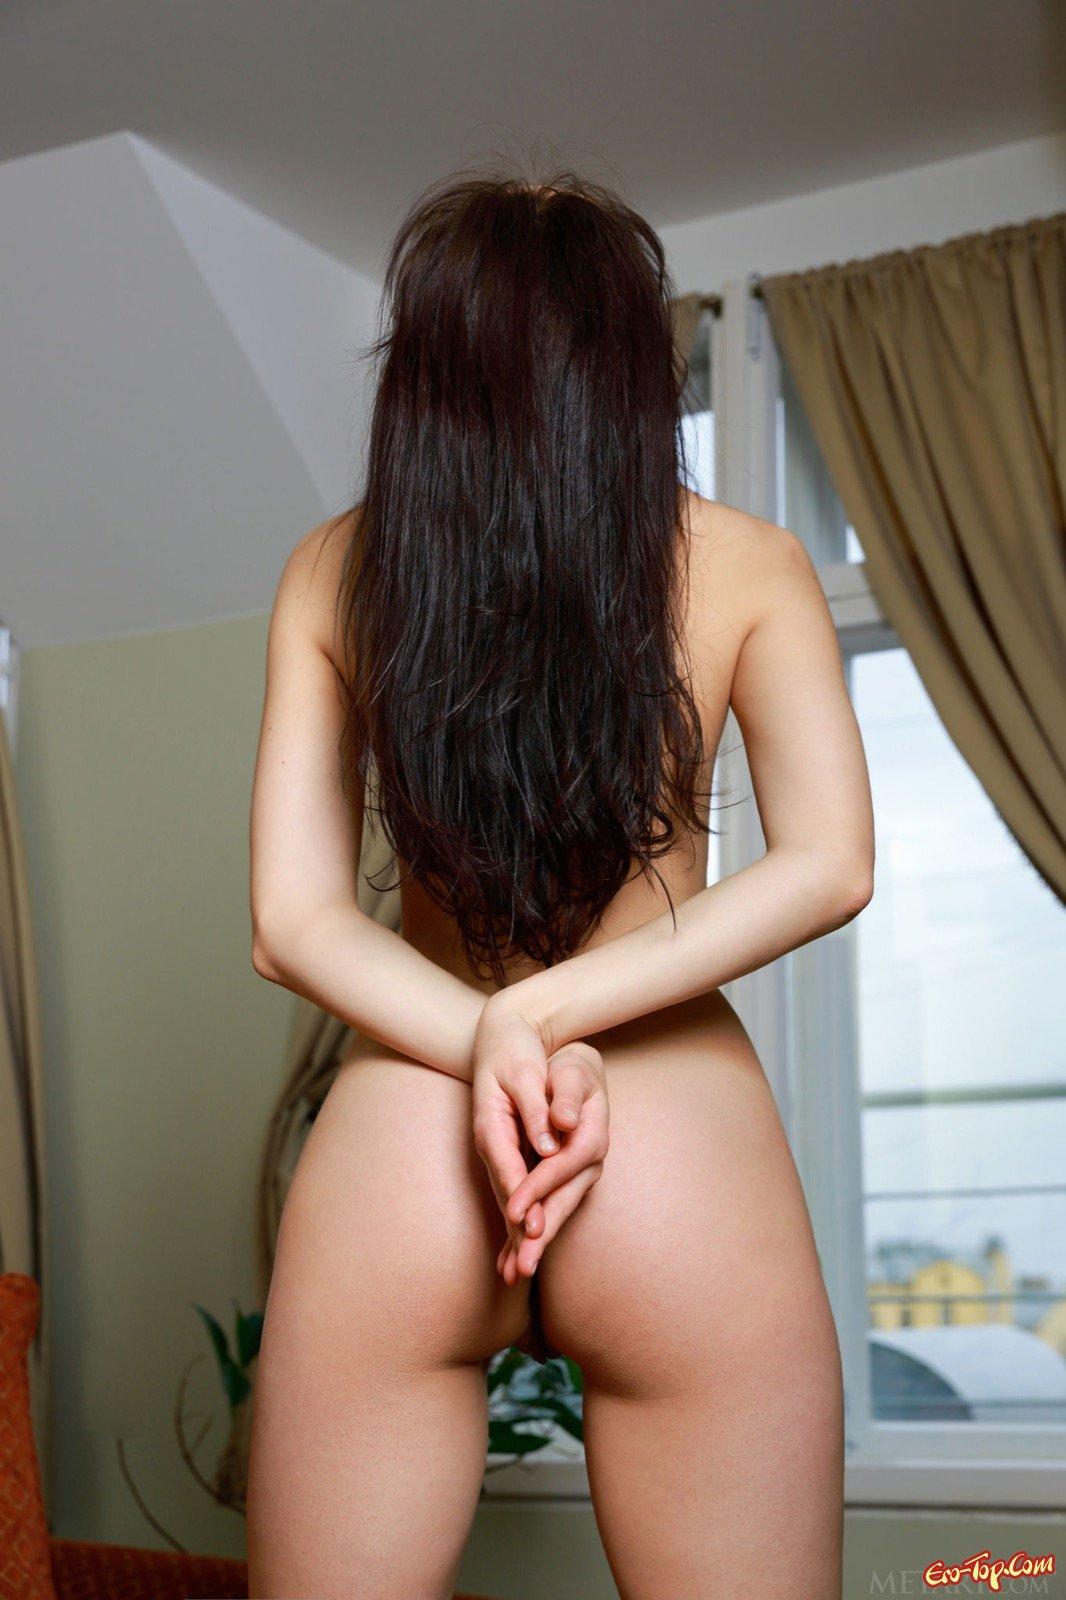 Хорошенькая голая темненькая девушка в чокере блистает задницей секс фото